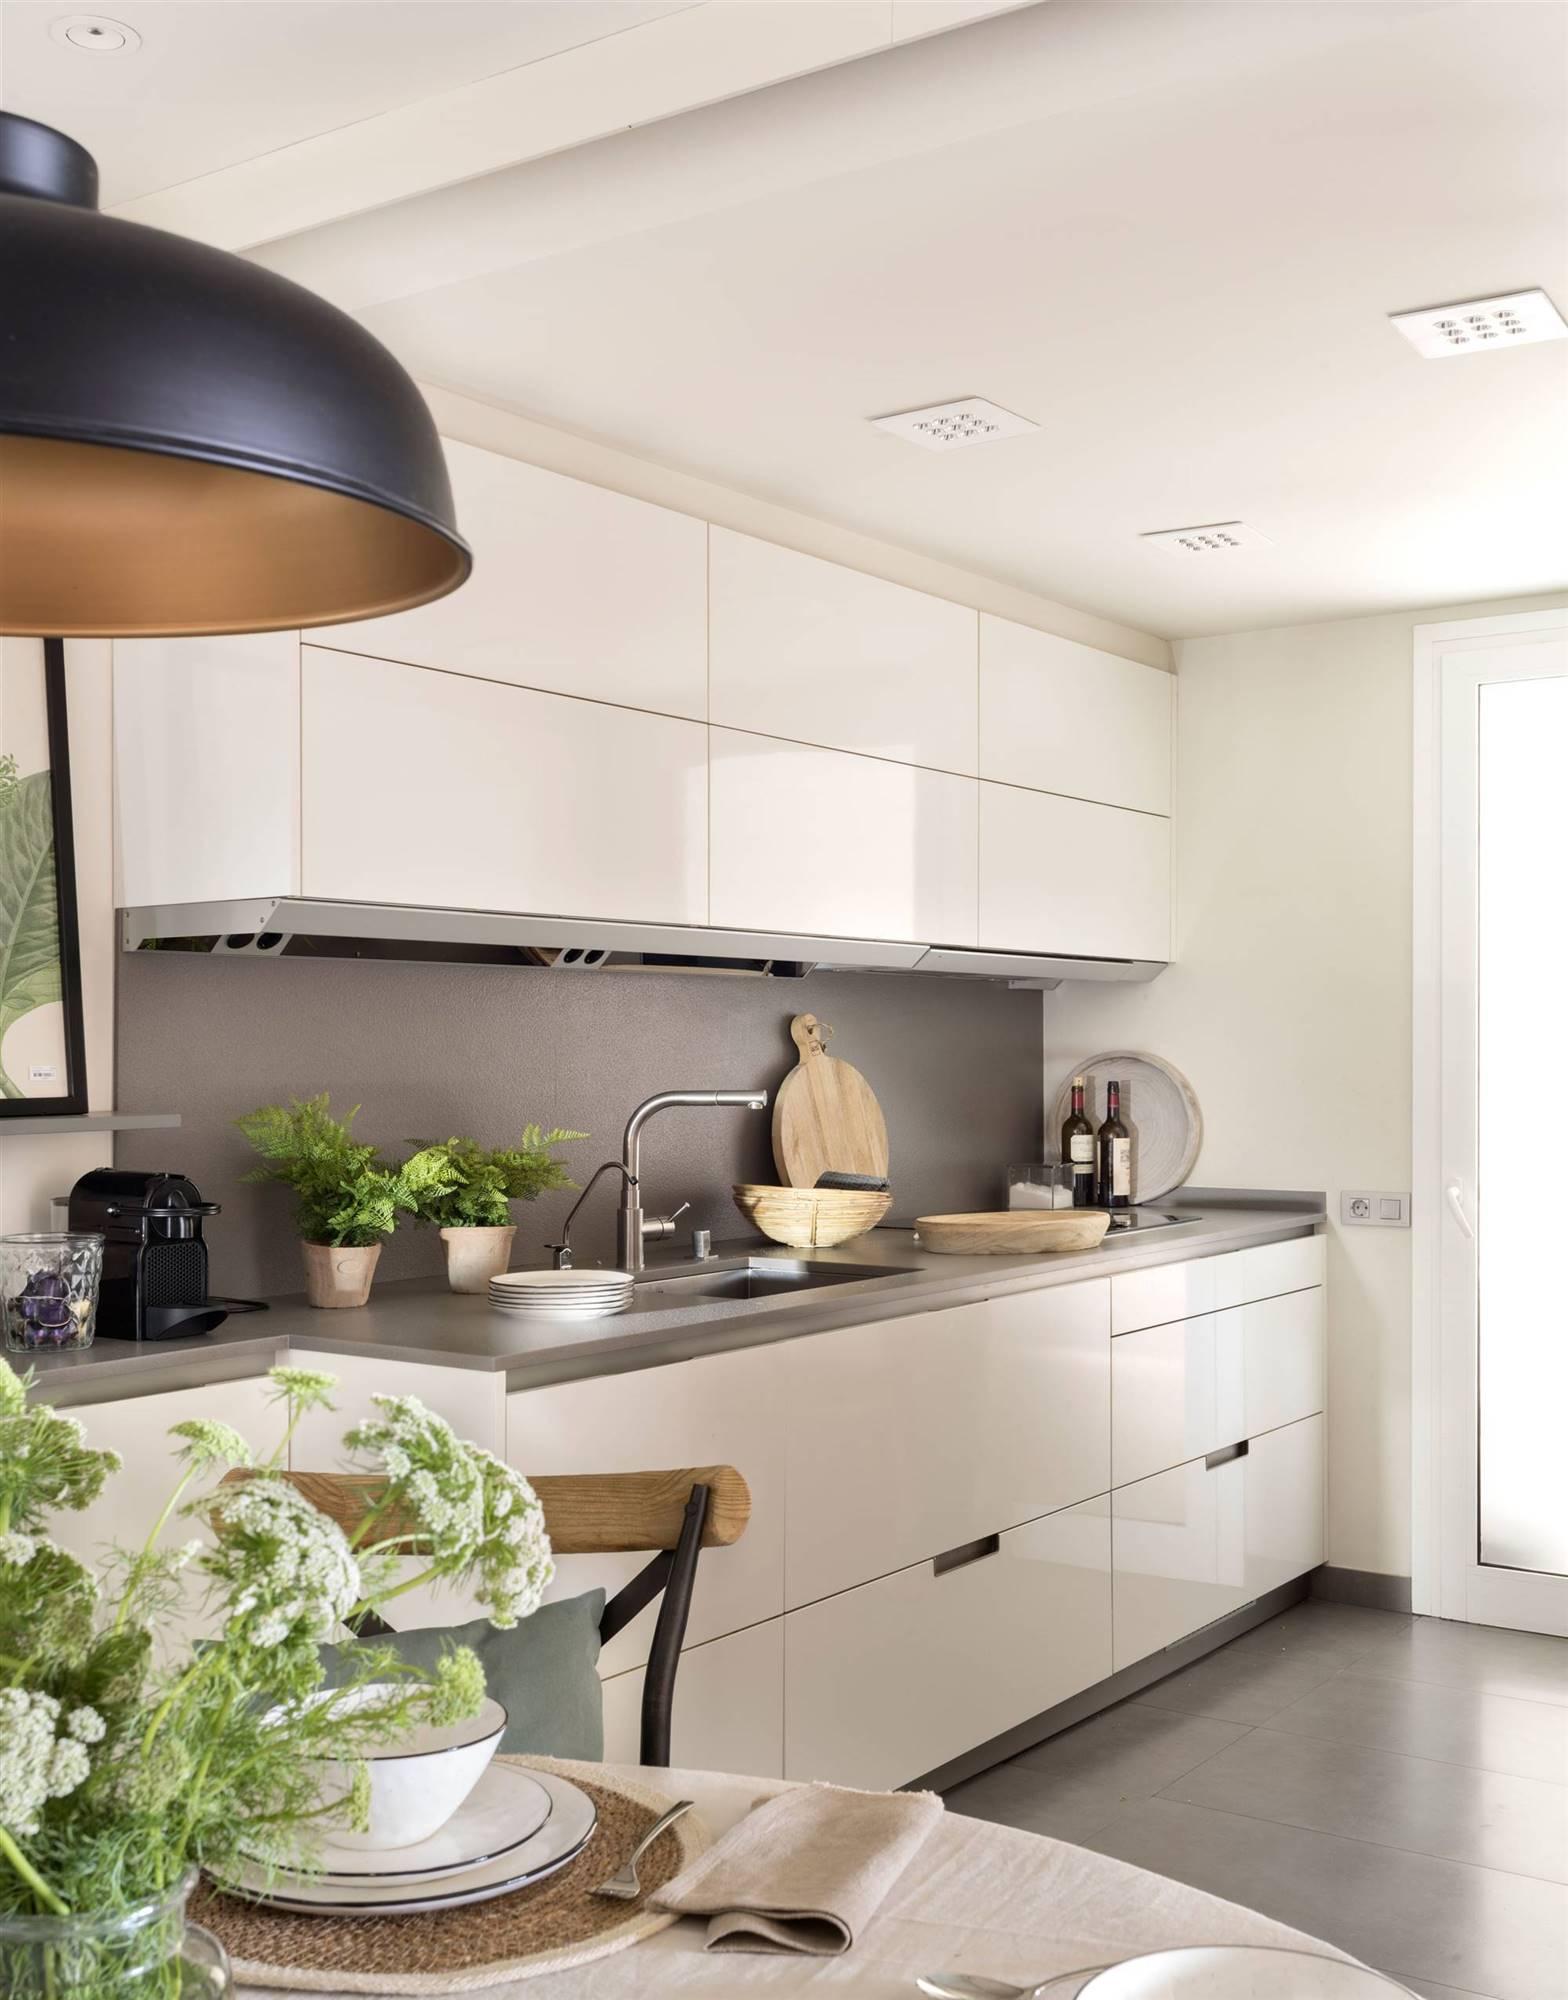 Imilk.info = limpiar muebles cocina blanco brillo ~ Ideas de cocina ...